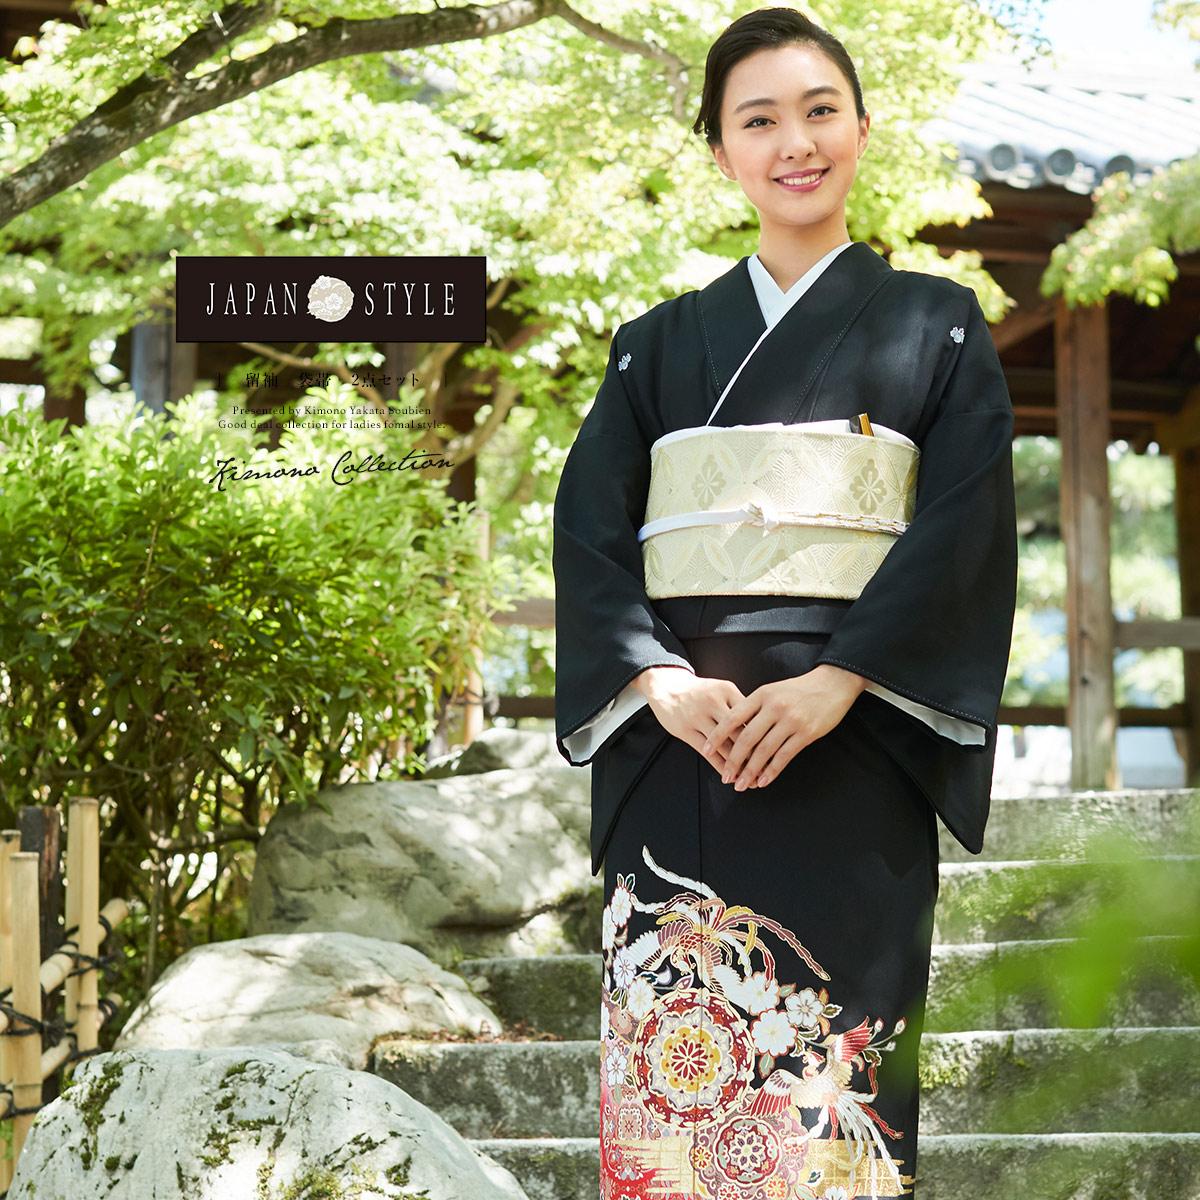 人気ブランドジャパンスタイルの黒留袖セット